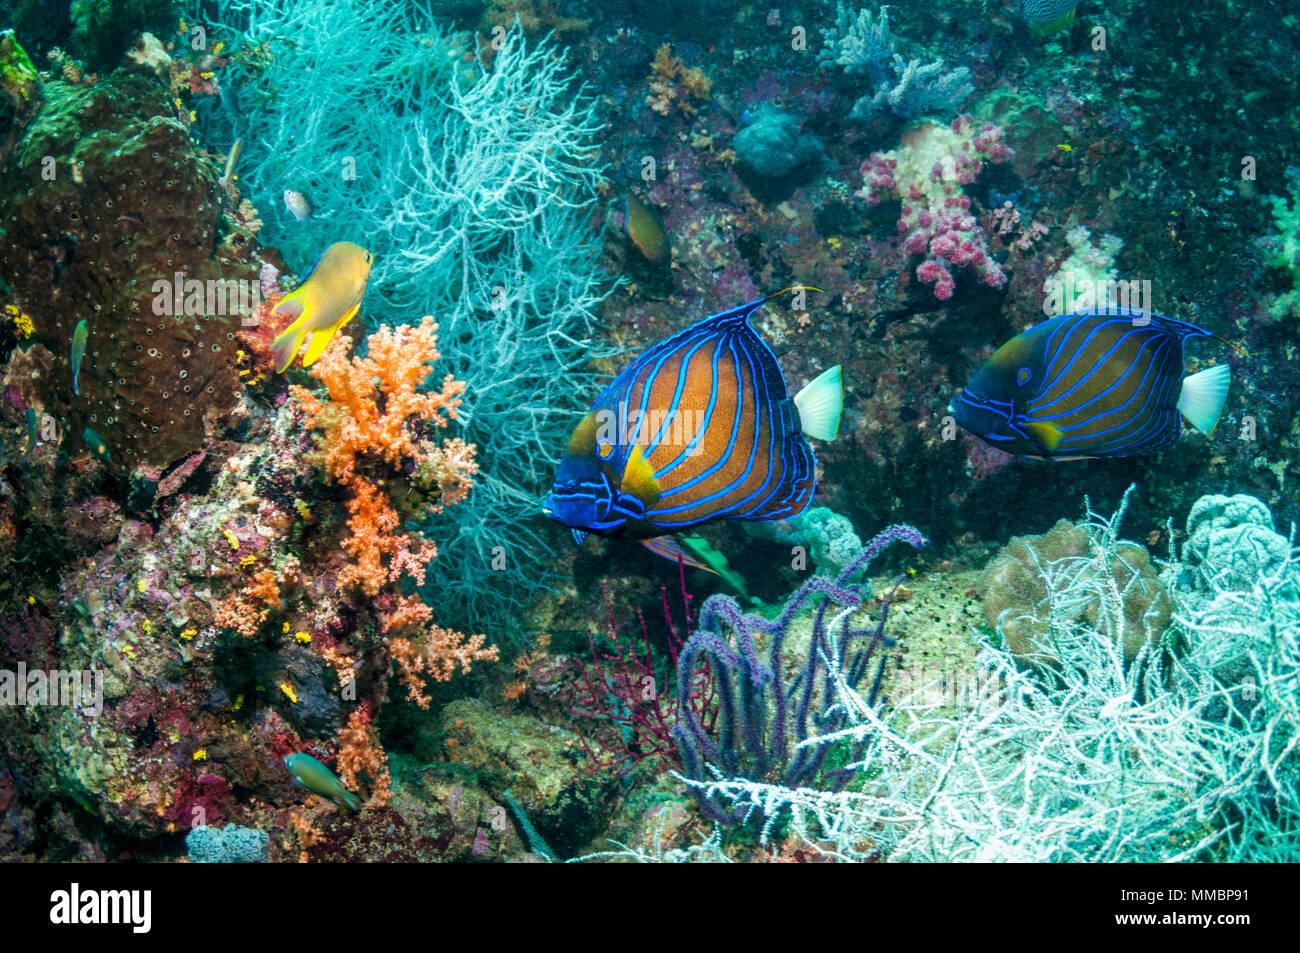 El pez ángel azul-anilladas [Pomacanthus annularis] par nadar en el arrecife de coral negro. Papúa Occidental, Indonesia. Foto de stock